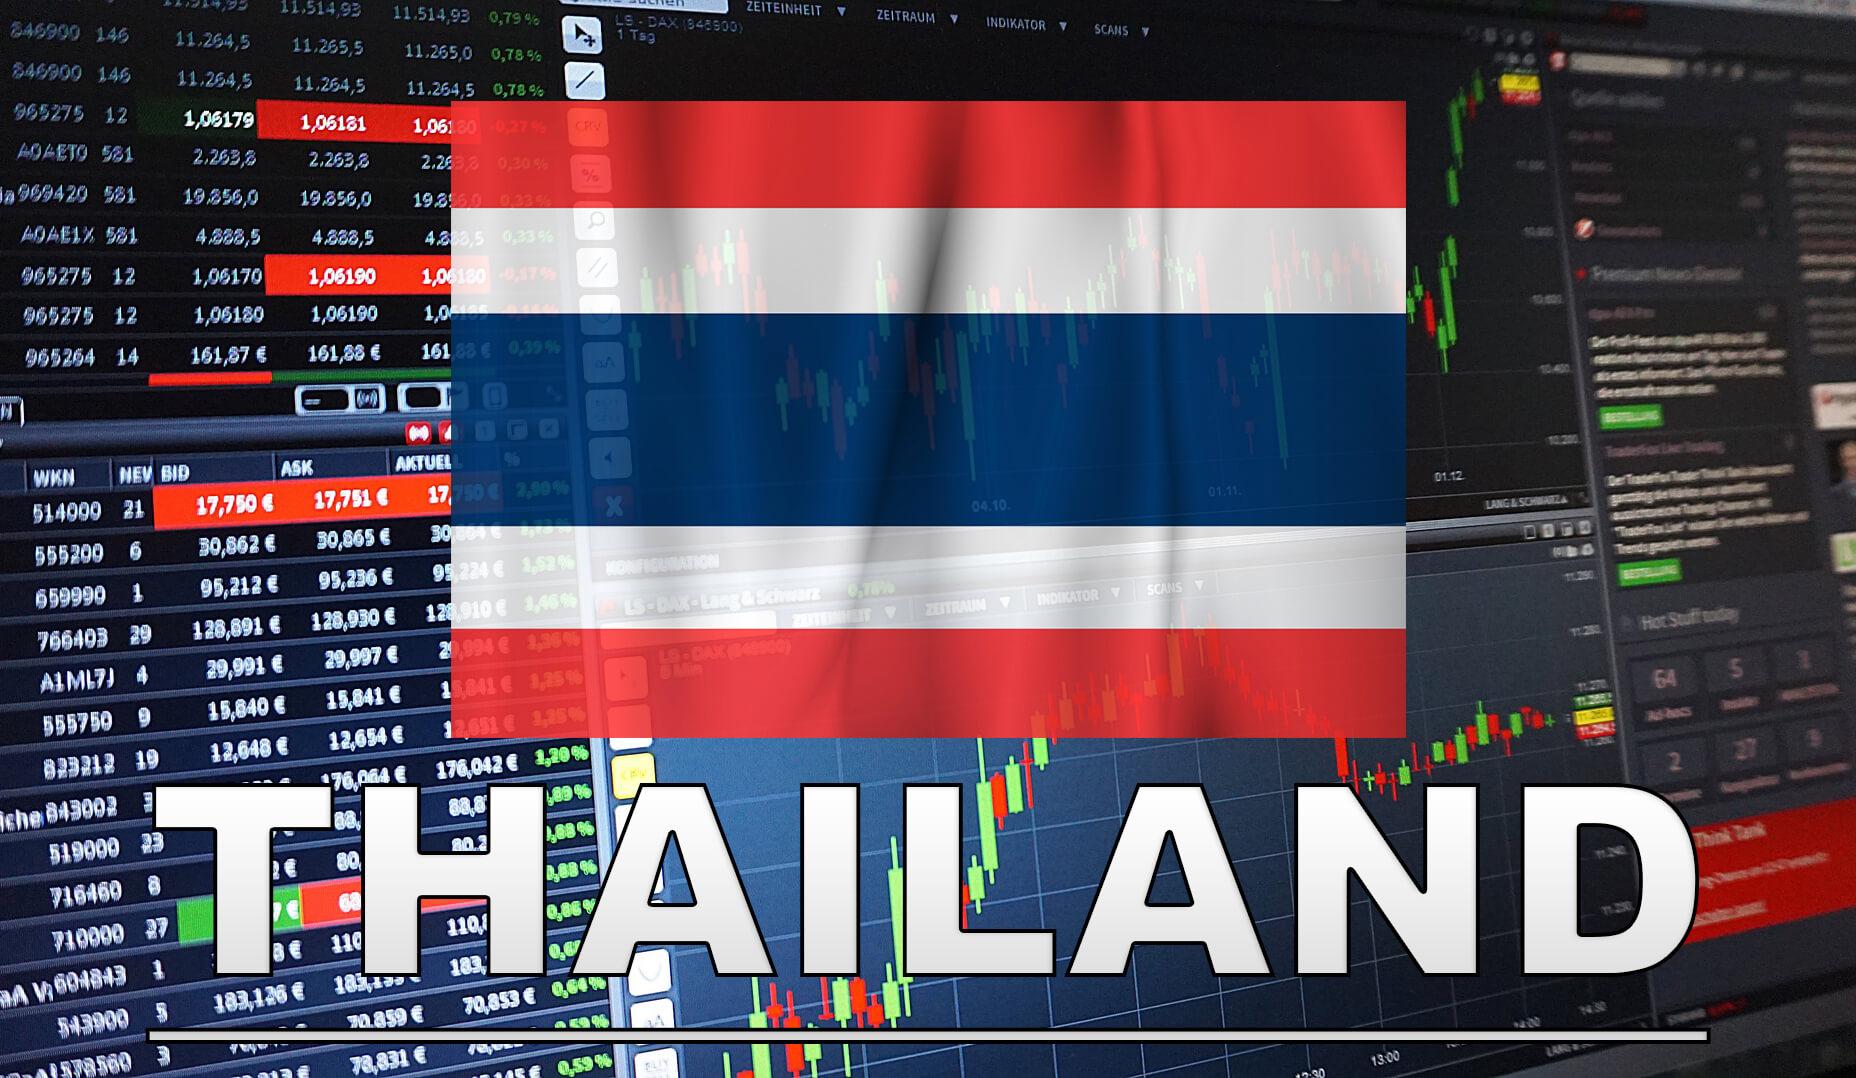 タイの株式市場 | 上場企業と時価総額から導き出すタイの成長産業